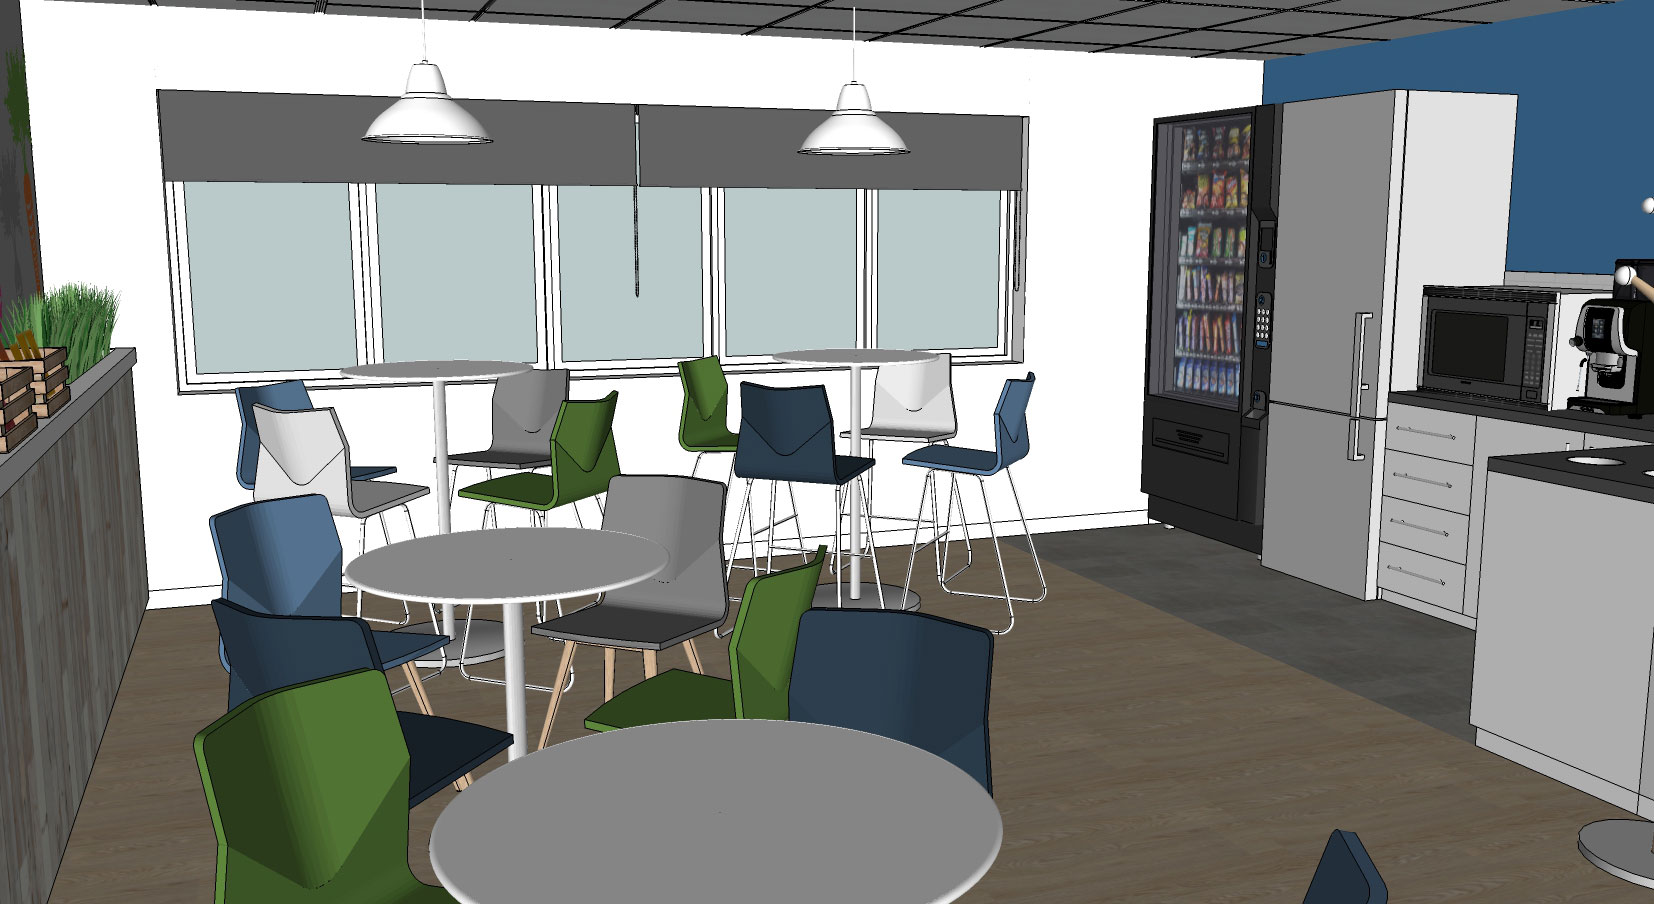 Kettle-Office-Canteen-Design-04